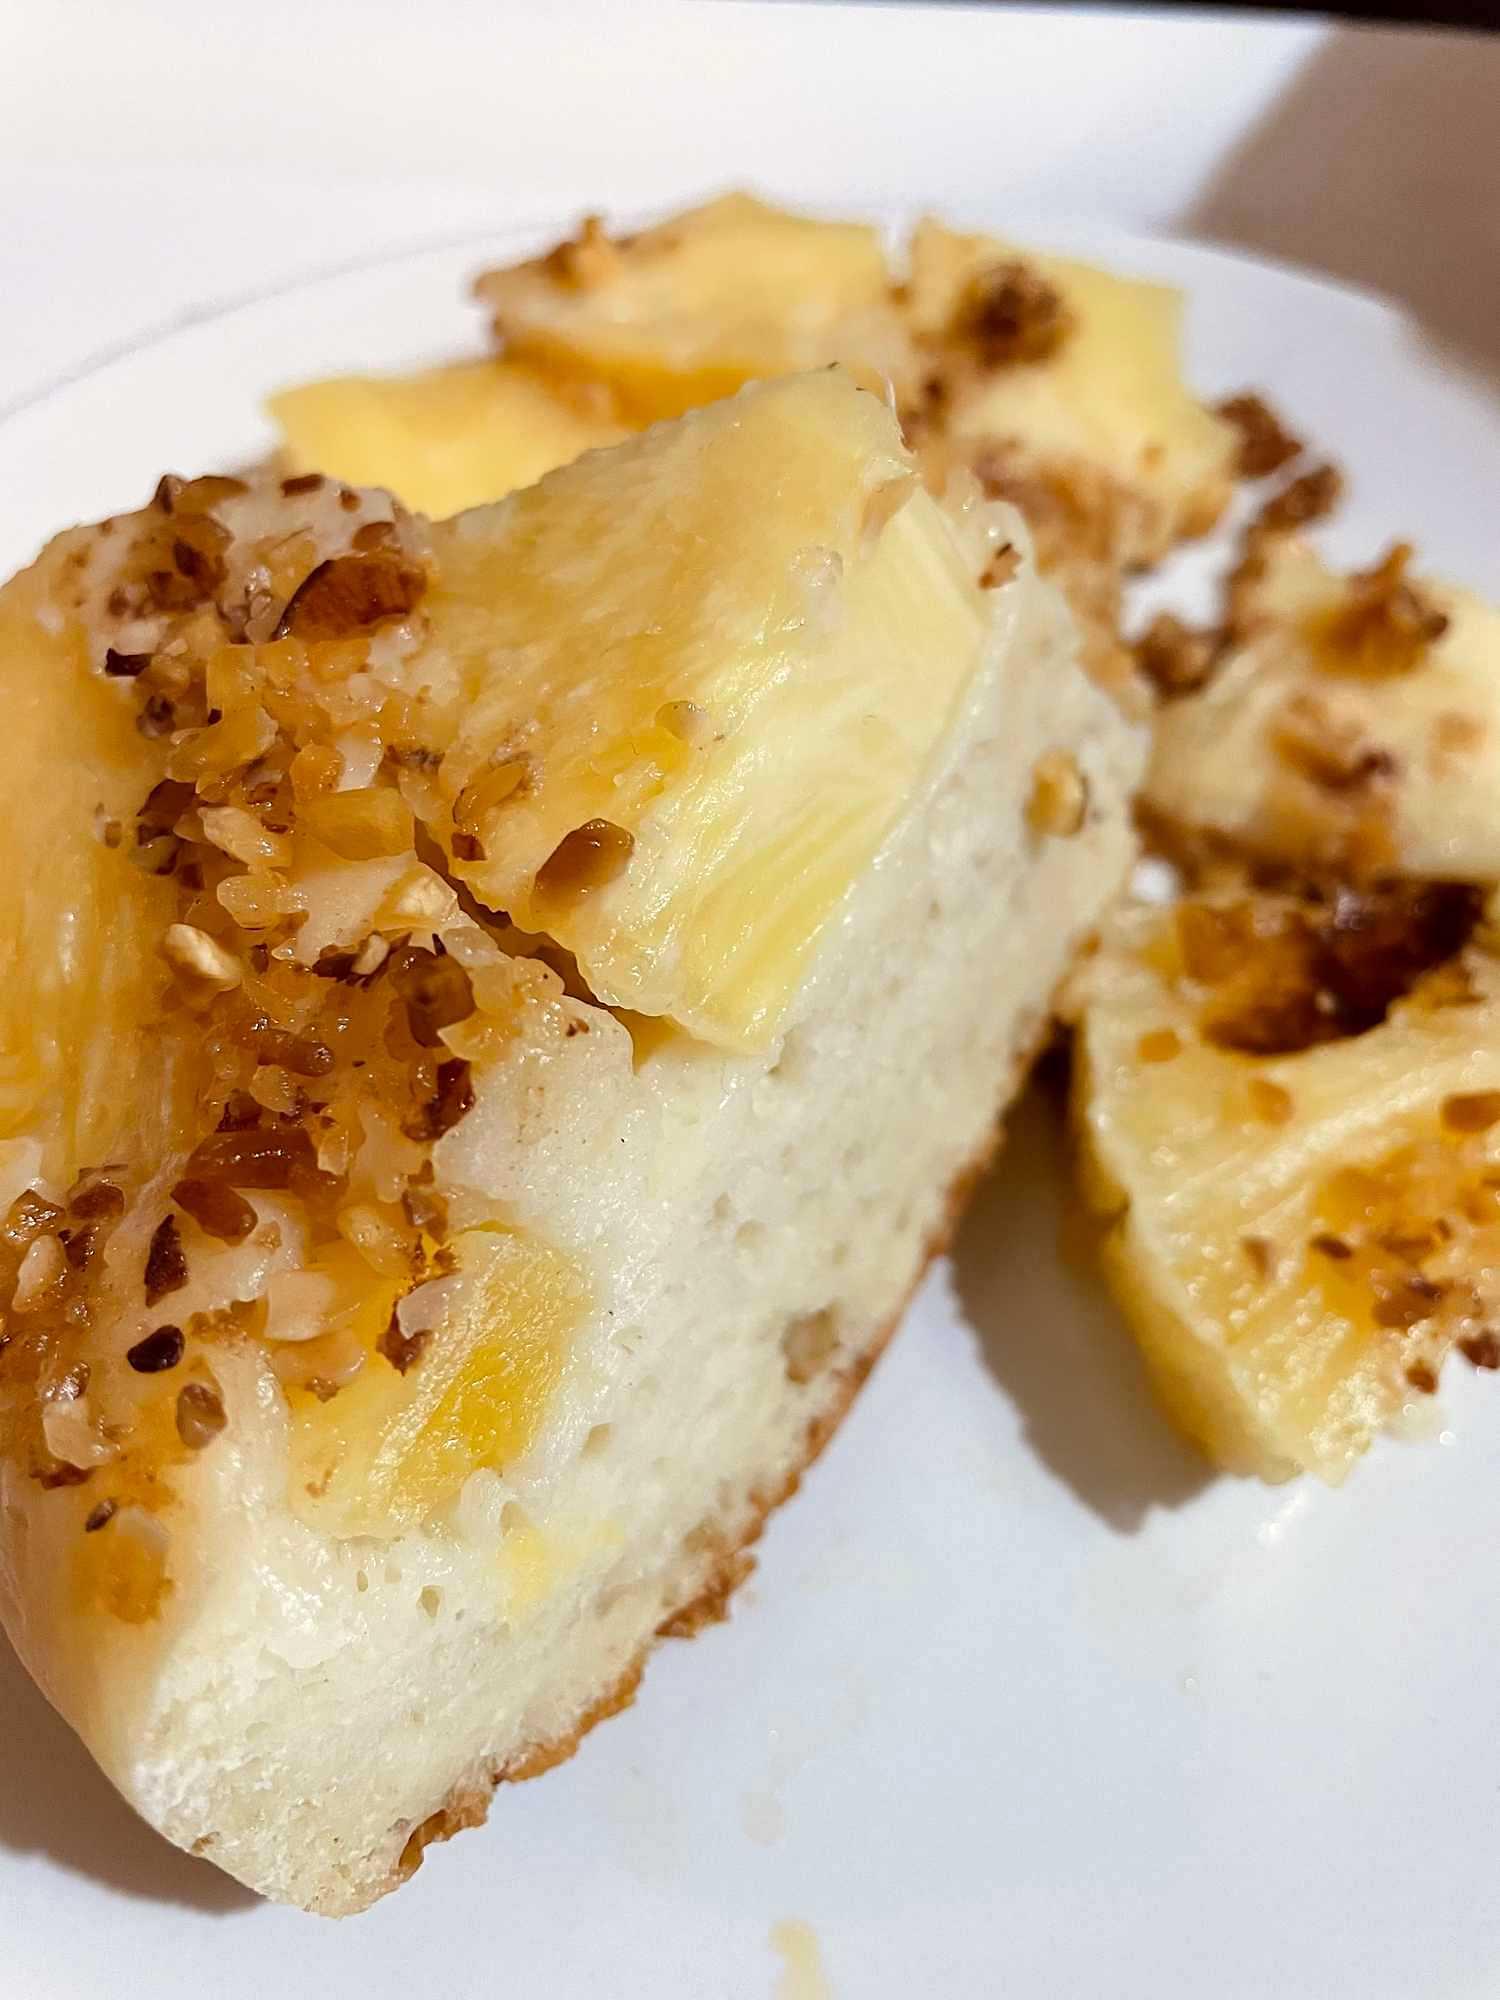 Deux belles parts de ce gâteau au fromage blanc sont présentés sur une assiette blanche. Le pralin est parsemé sur le dessus.